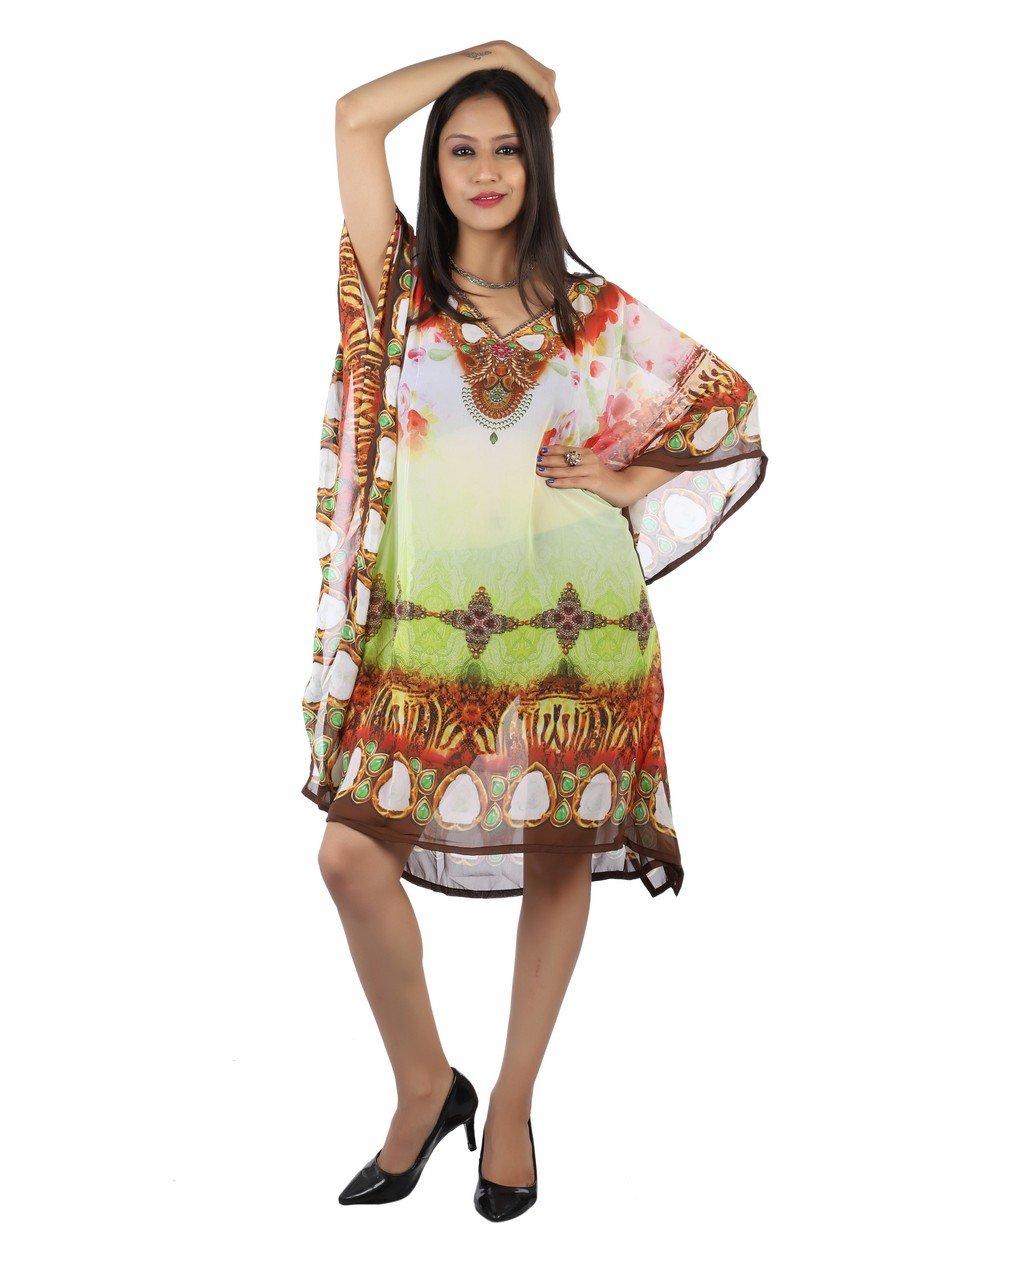 Bayside Barcelona Multicolor Caftan de Las Mujeres de la Cristales embellecidos Digital Kimono Ropa de Playa de Verano Vestido de Fiesta: Amazon.es: ...